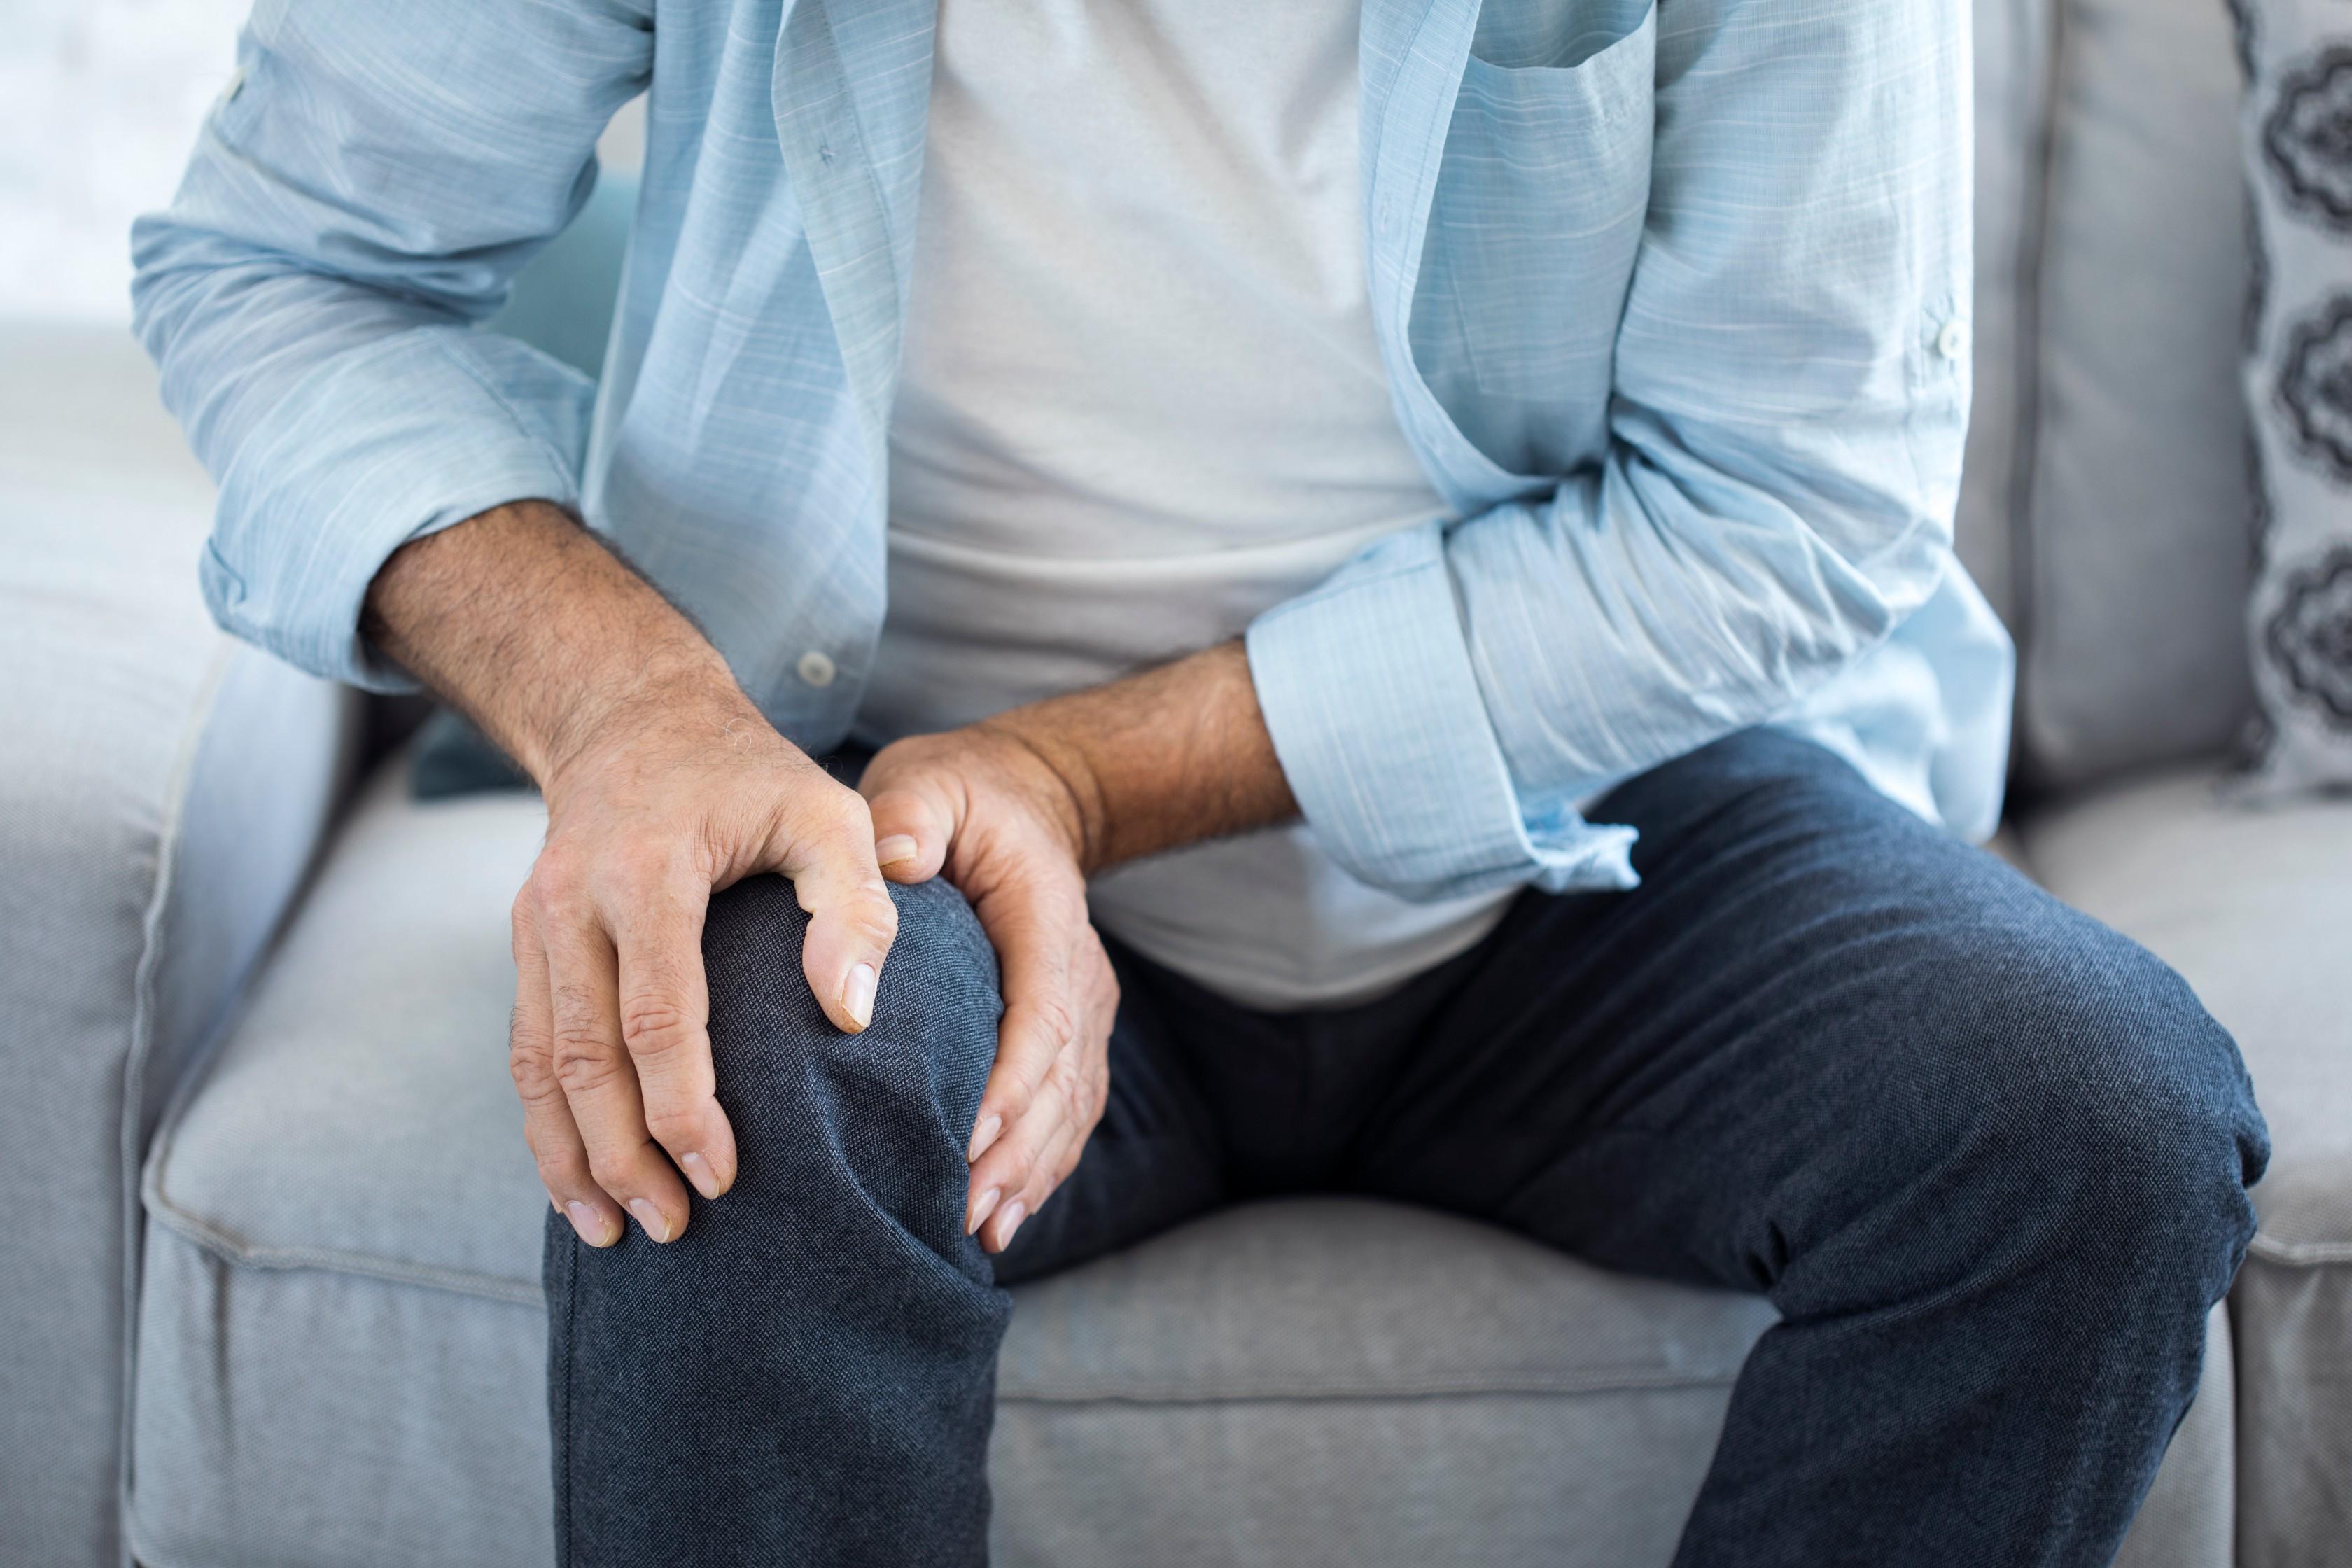 fájdalom a karban az ízületben hogyan kell kezelni artrózis kezelése juharlevelekkel